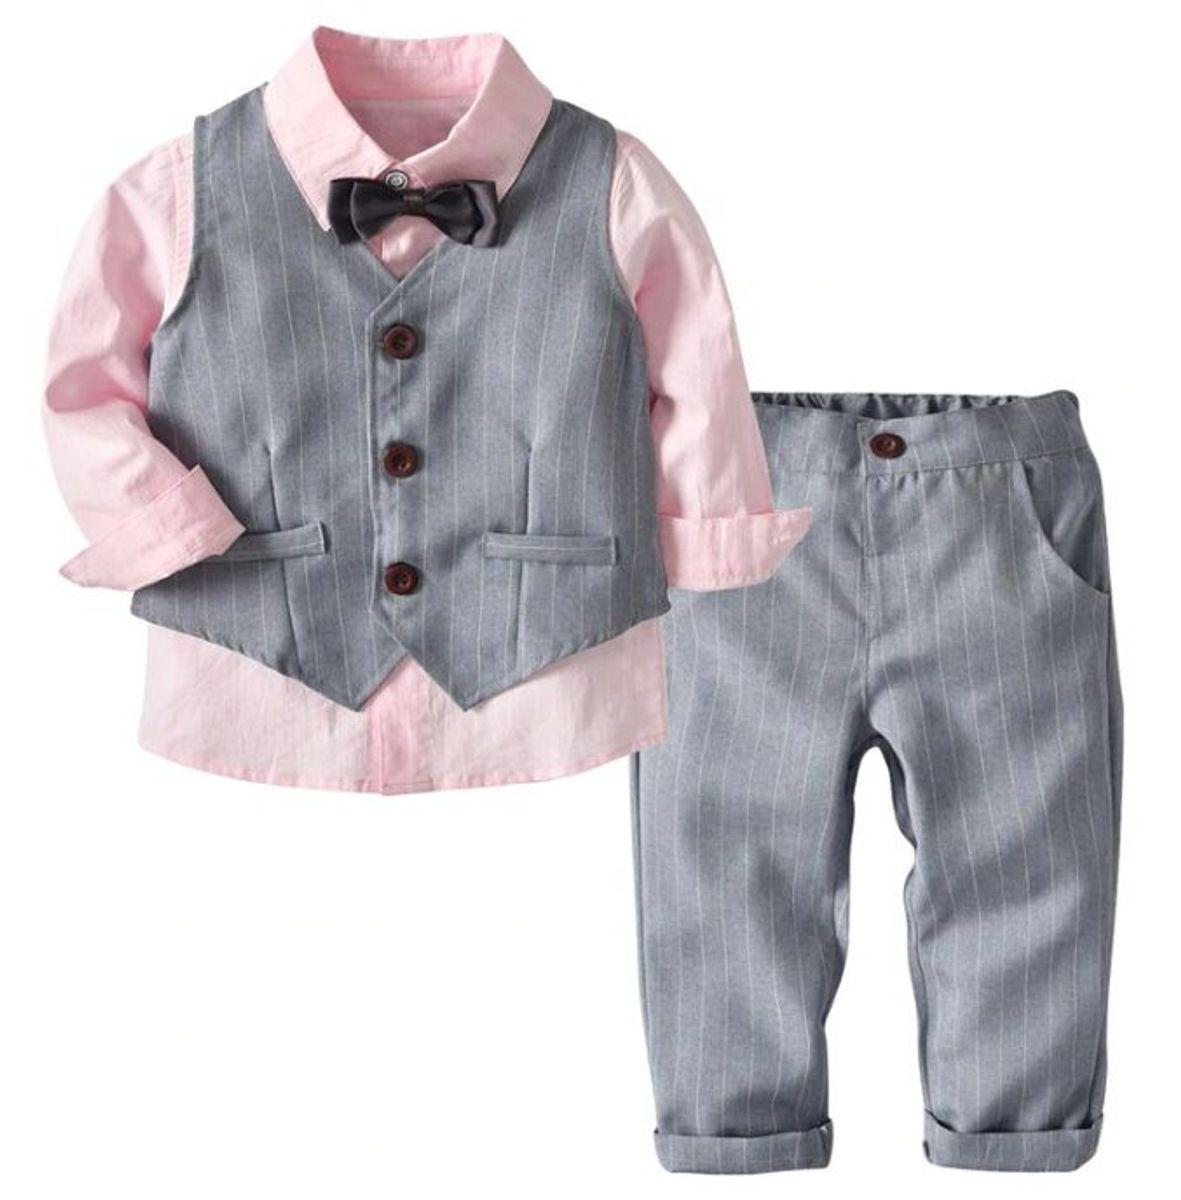 conjunto roupa infantil menino social pagem casamento rosa - menino kabeier ae2299cb7d